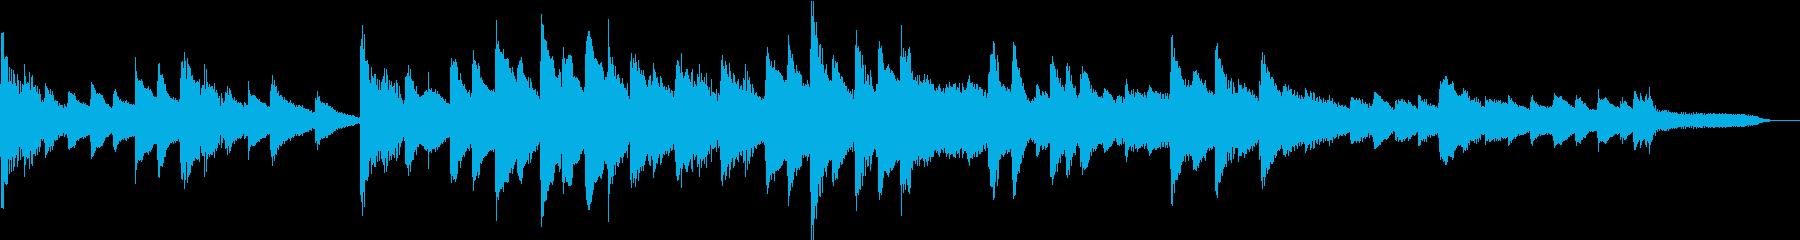 【感動的】30秒ピアノソロ【ループ】の再生済みの波形